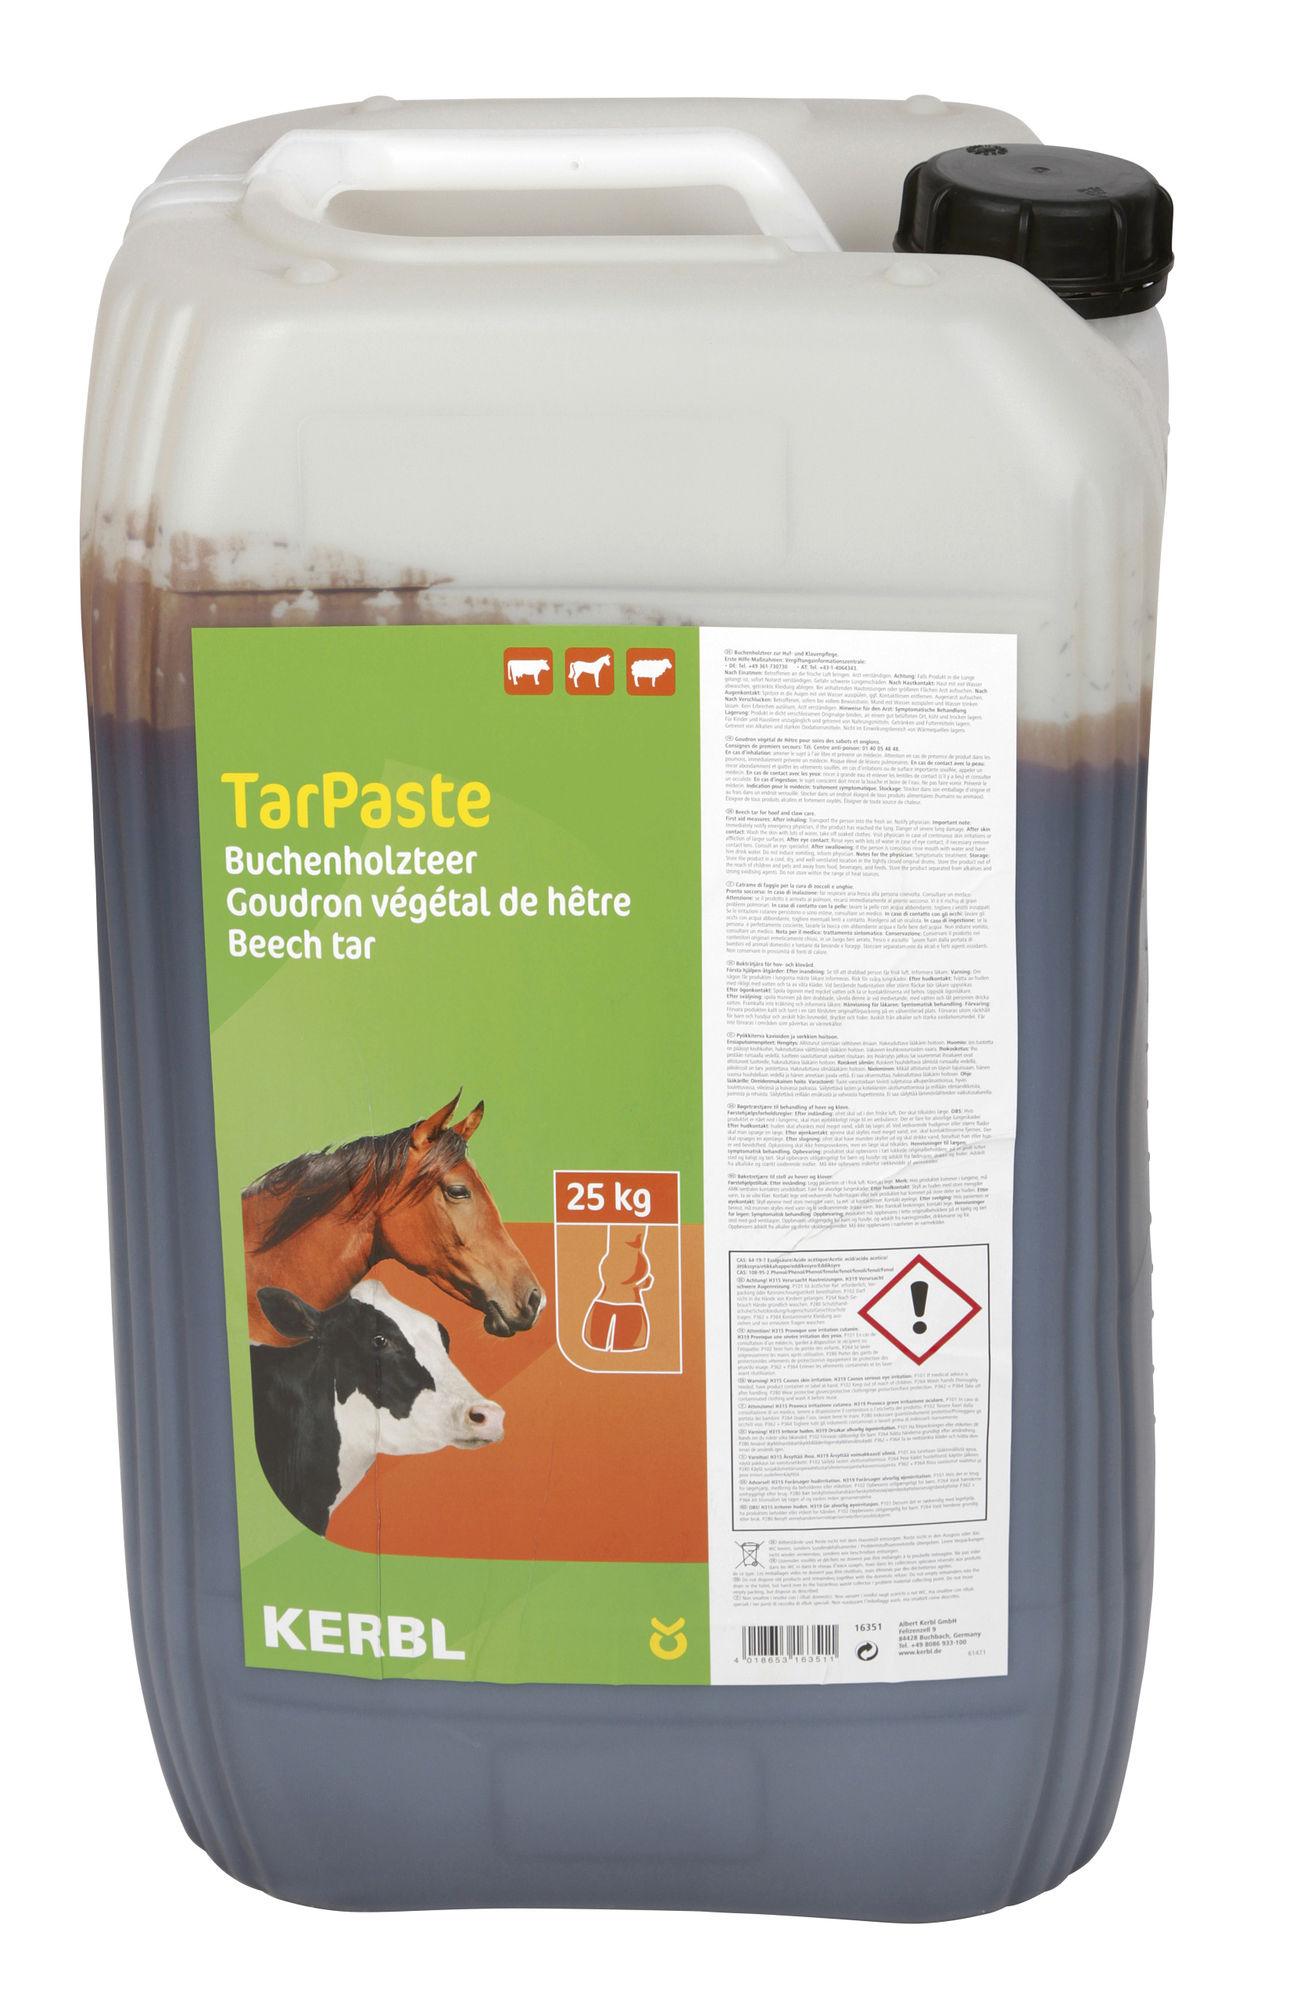 Buchenholzteer TarPaste flüssig, 25kg